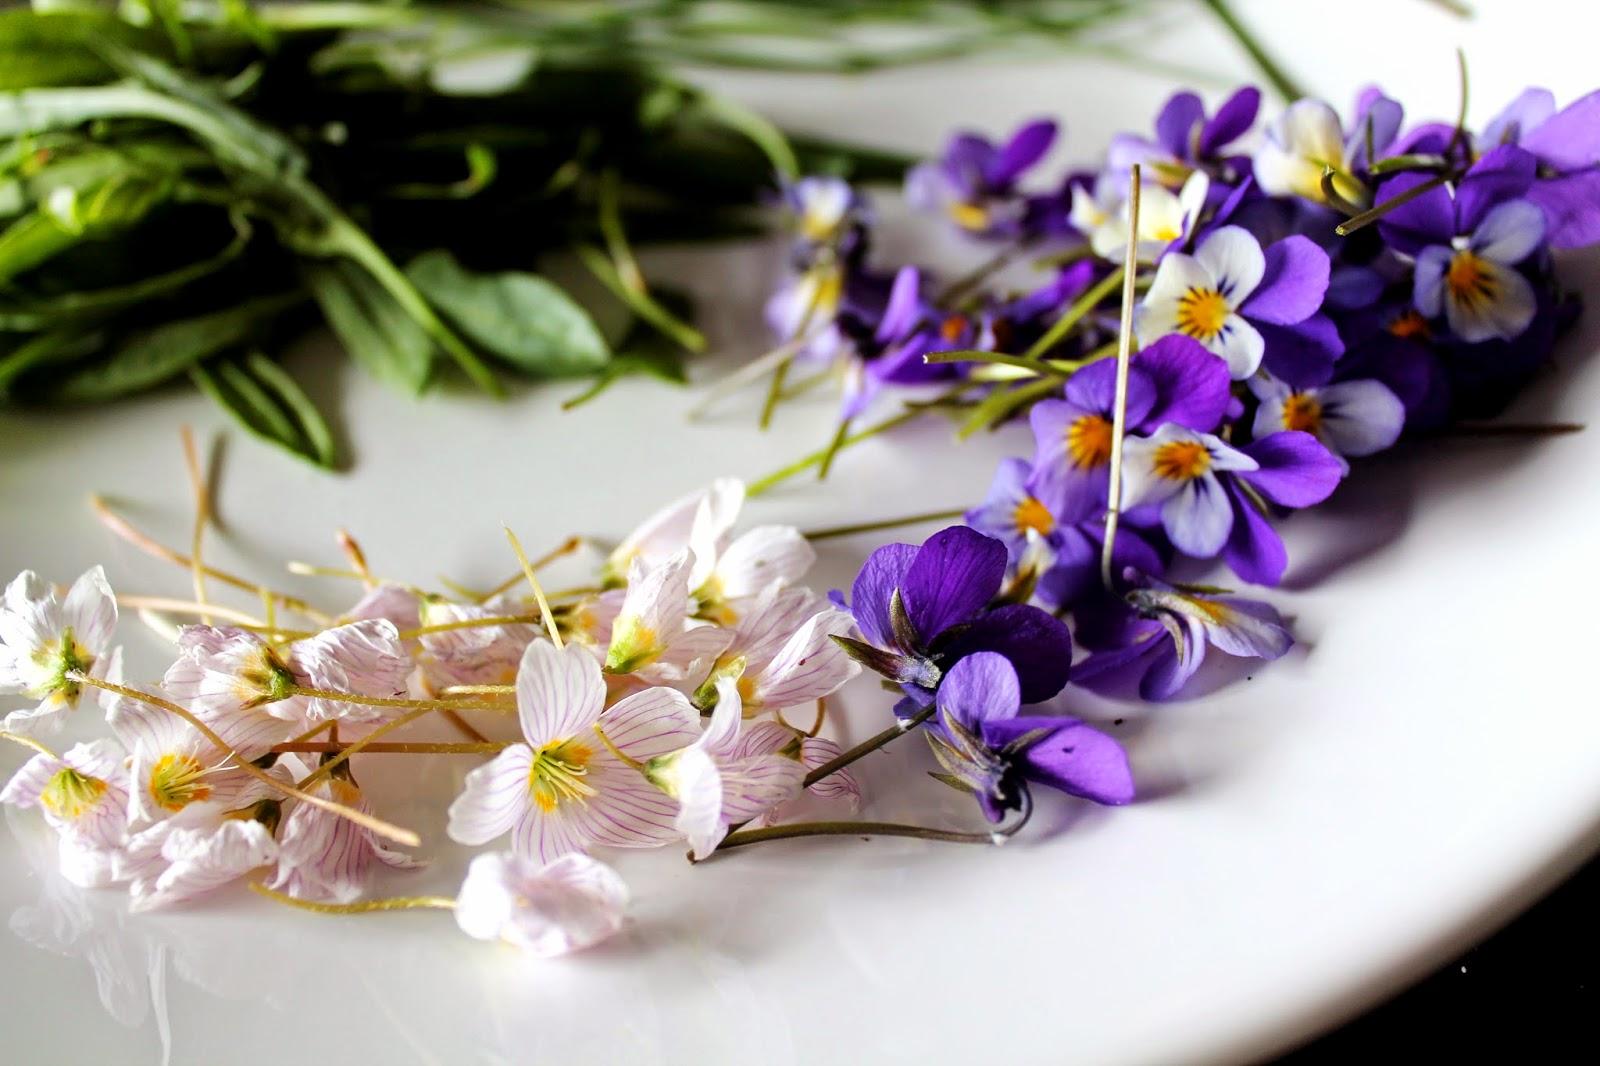 Violets and wood sorrel flower | Alinan kotona blog